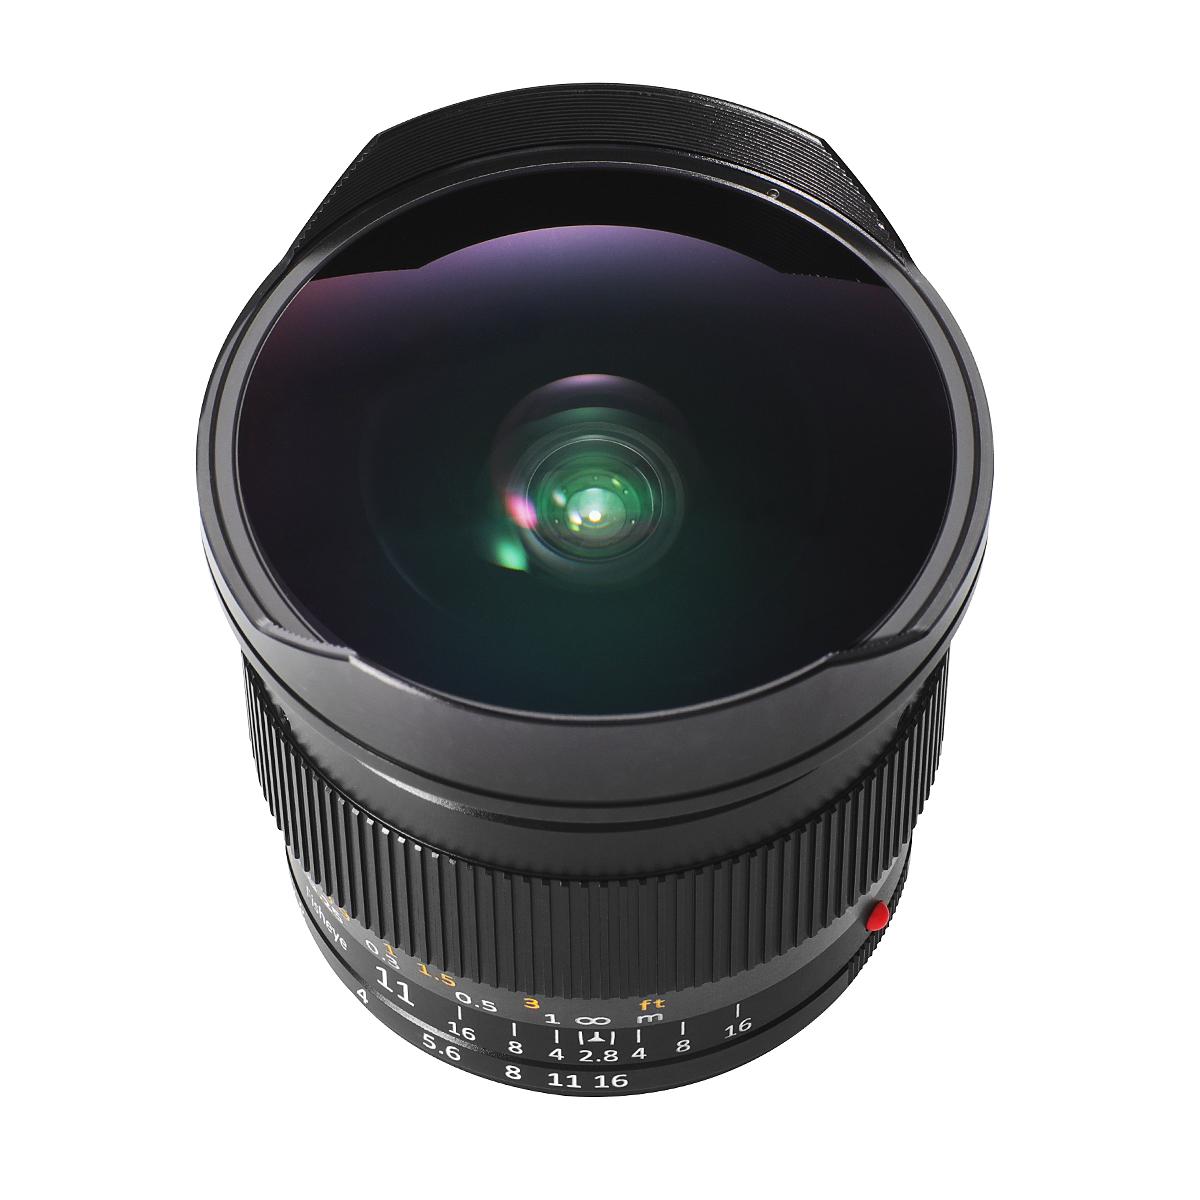 銘匠光学 TTArtisan 11mm f/2.8 Fisheye 単焦点レンズ ライカMマウント ビューファインダー付き